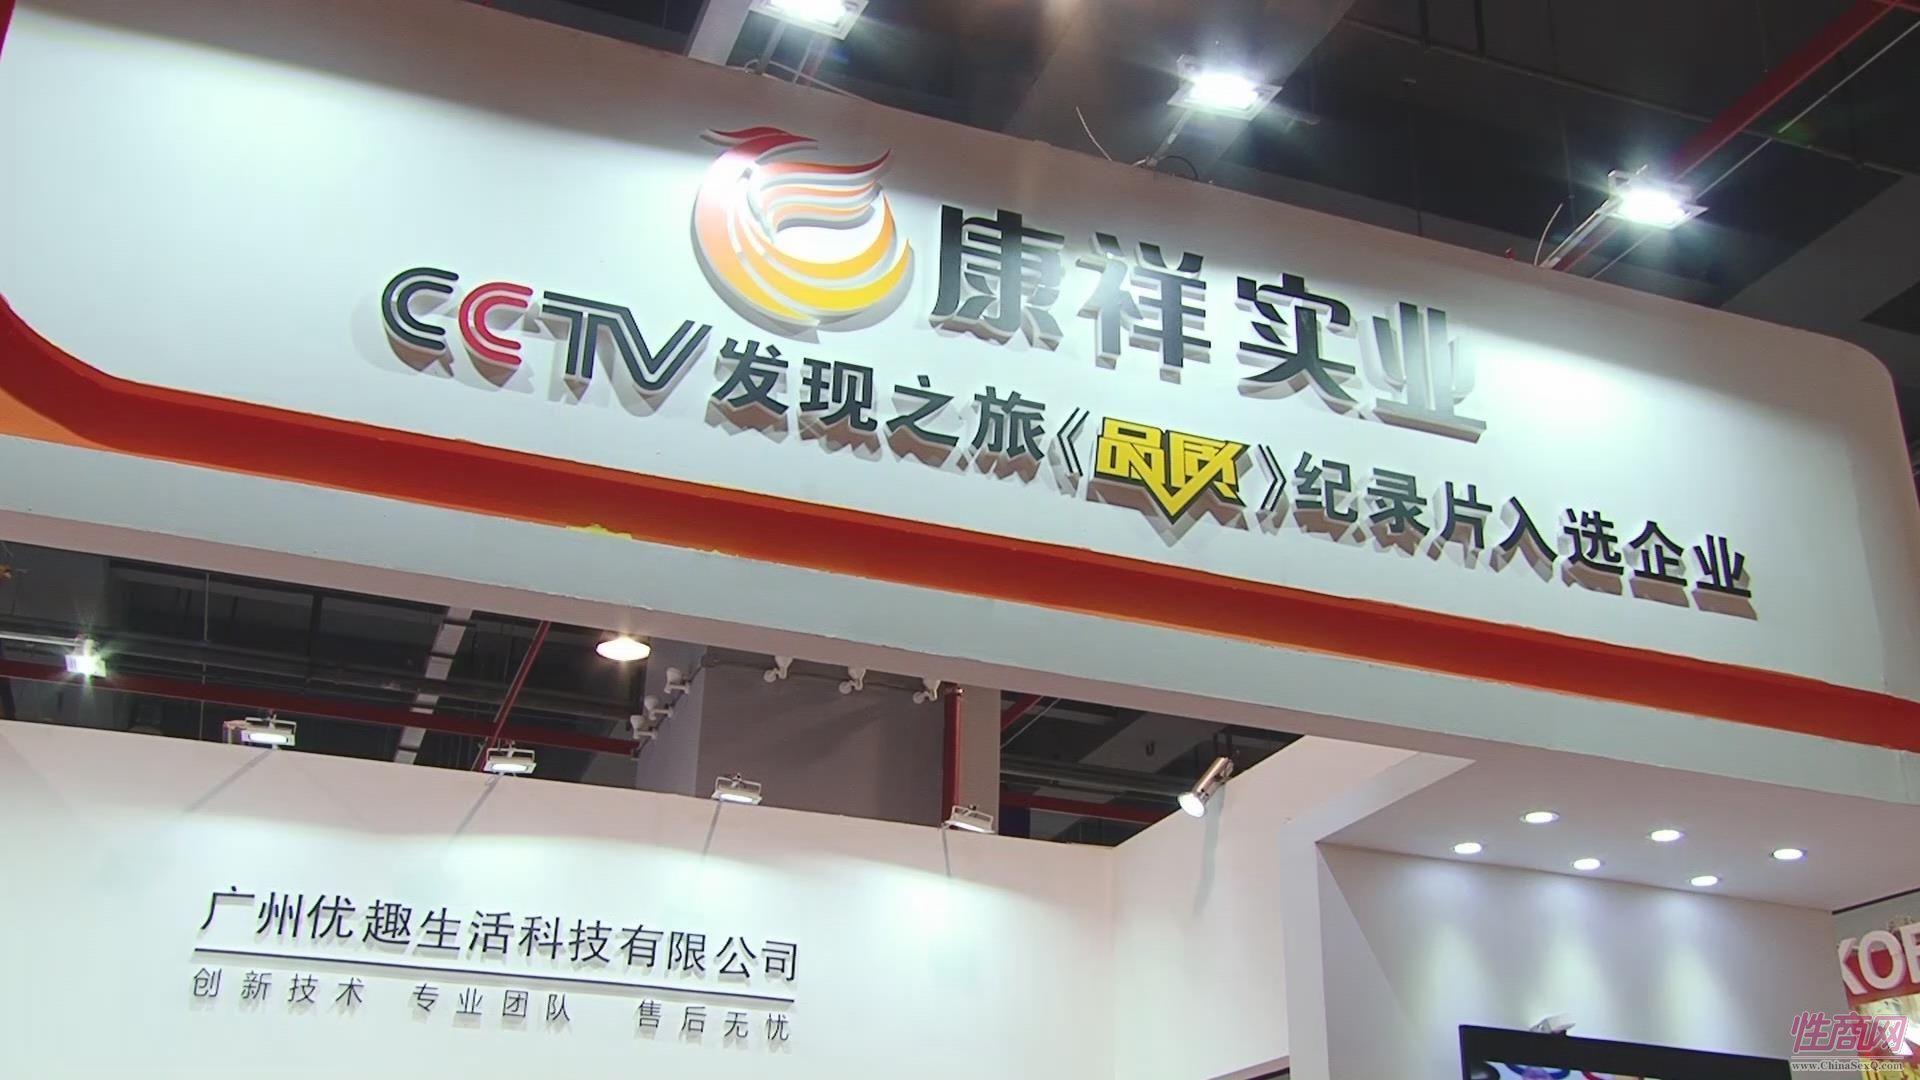 康祥实业CCTV发现之旅纪录片入选企业